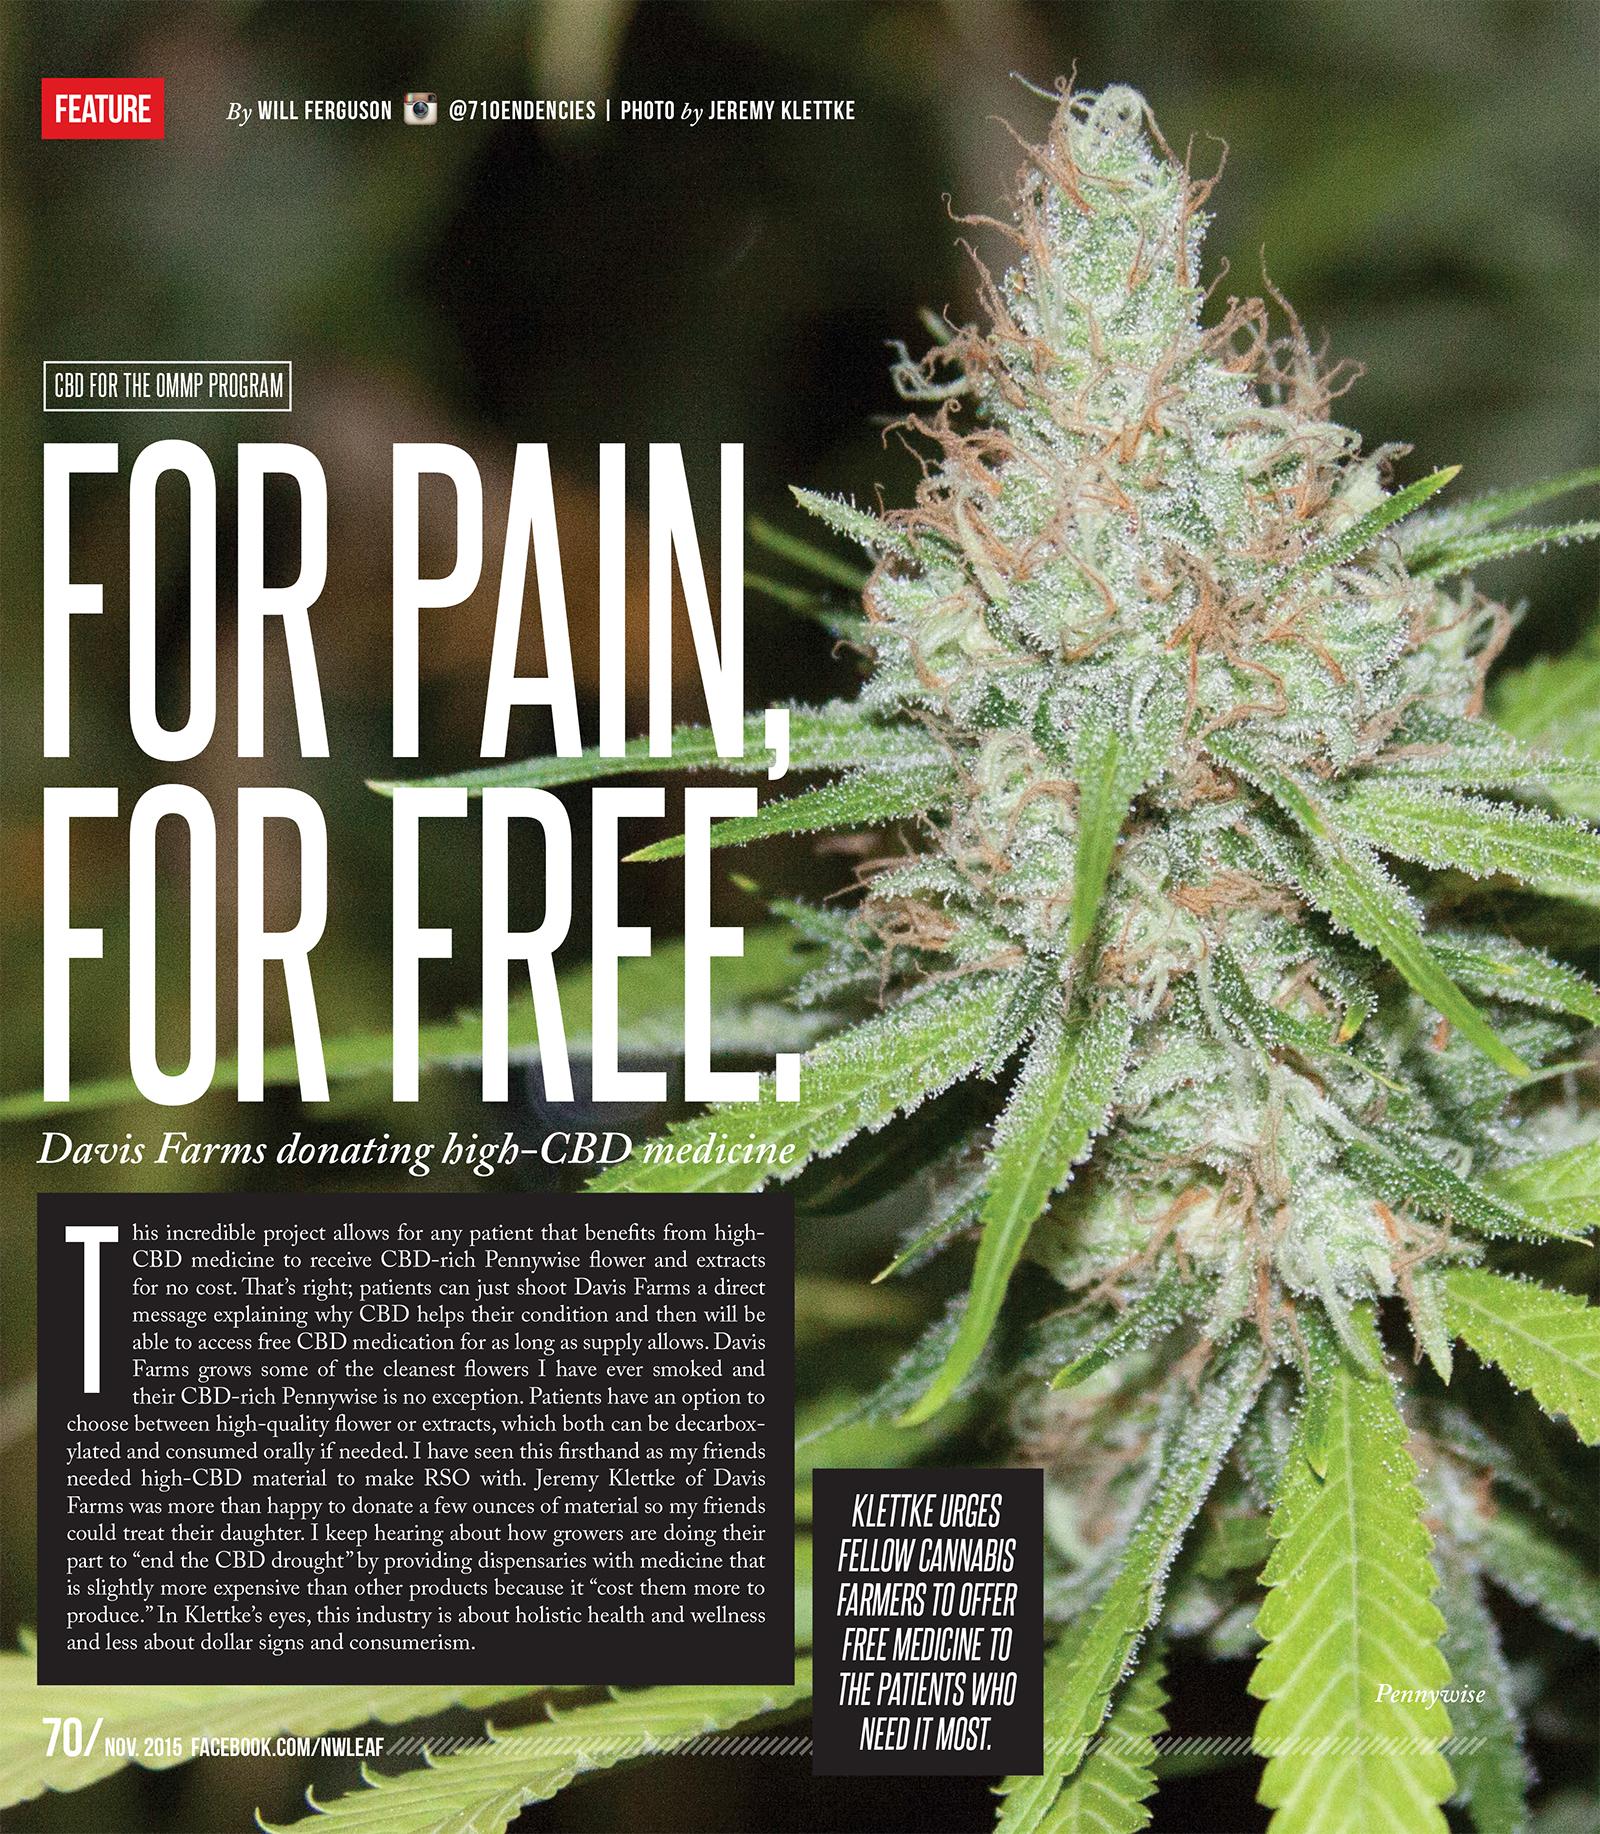 Oregon leaf november 2015 for pain for free